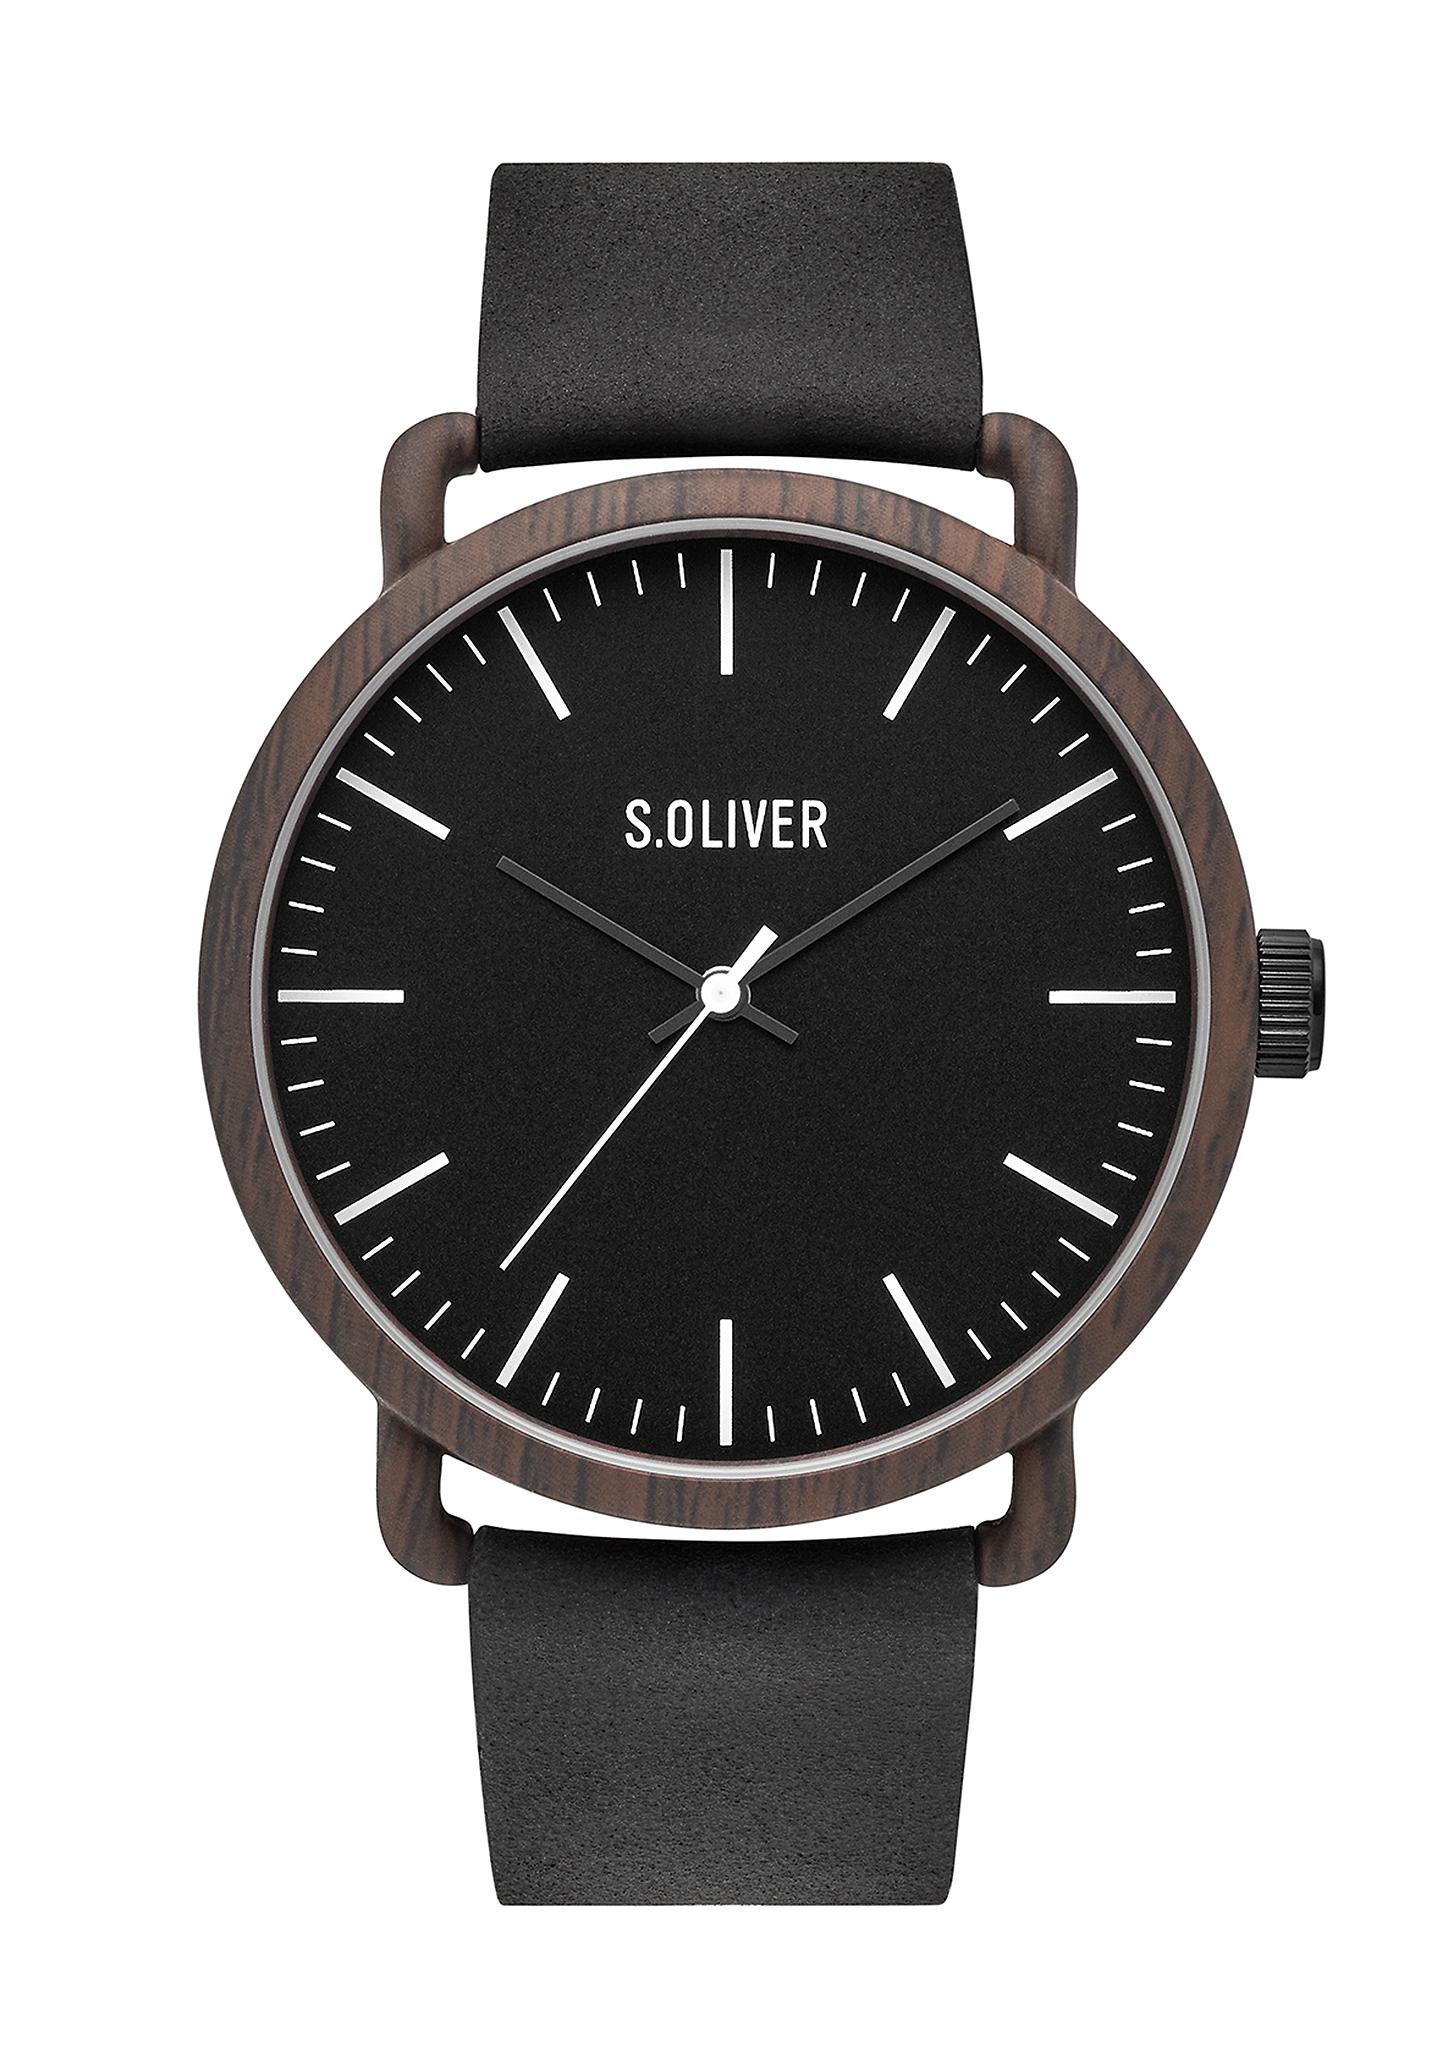 Armbanduhr   Uhren > Sonstige Armbanduhren   Black   brown   Metall -  mineralglas -  kunstleder -   edelstahl   s.Oliver